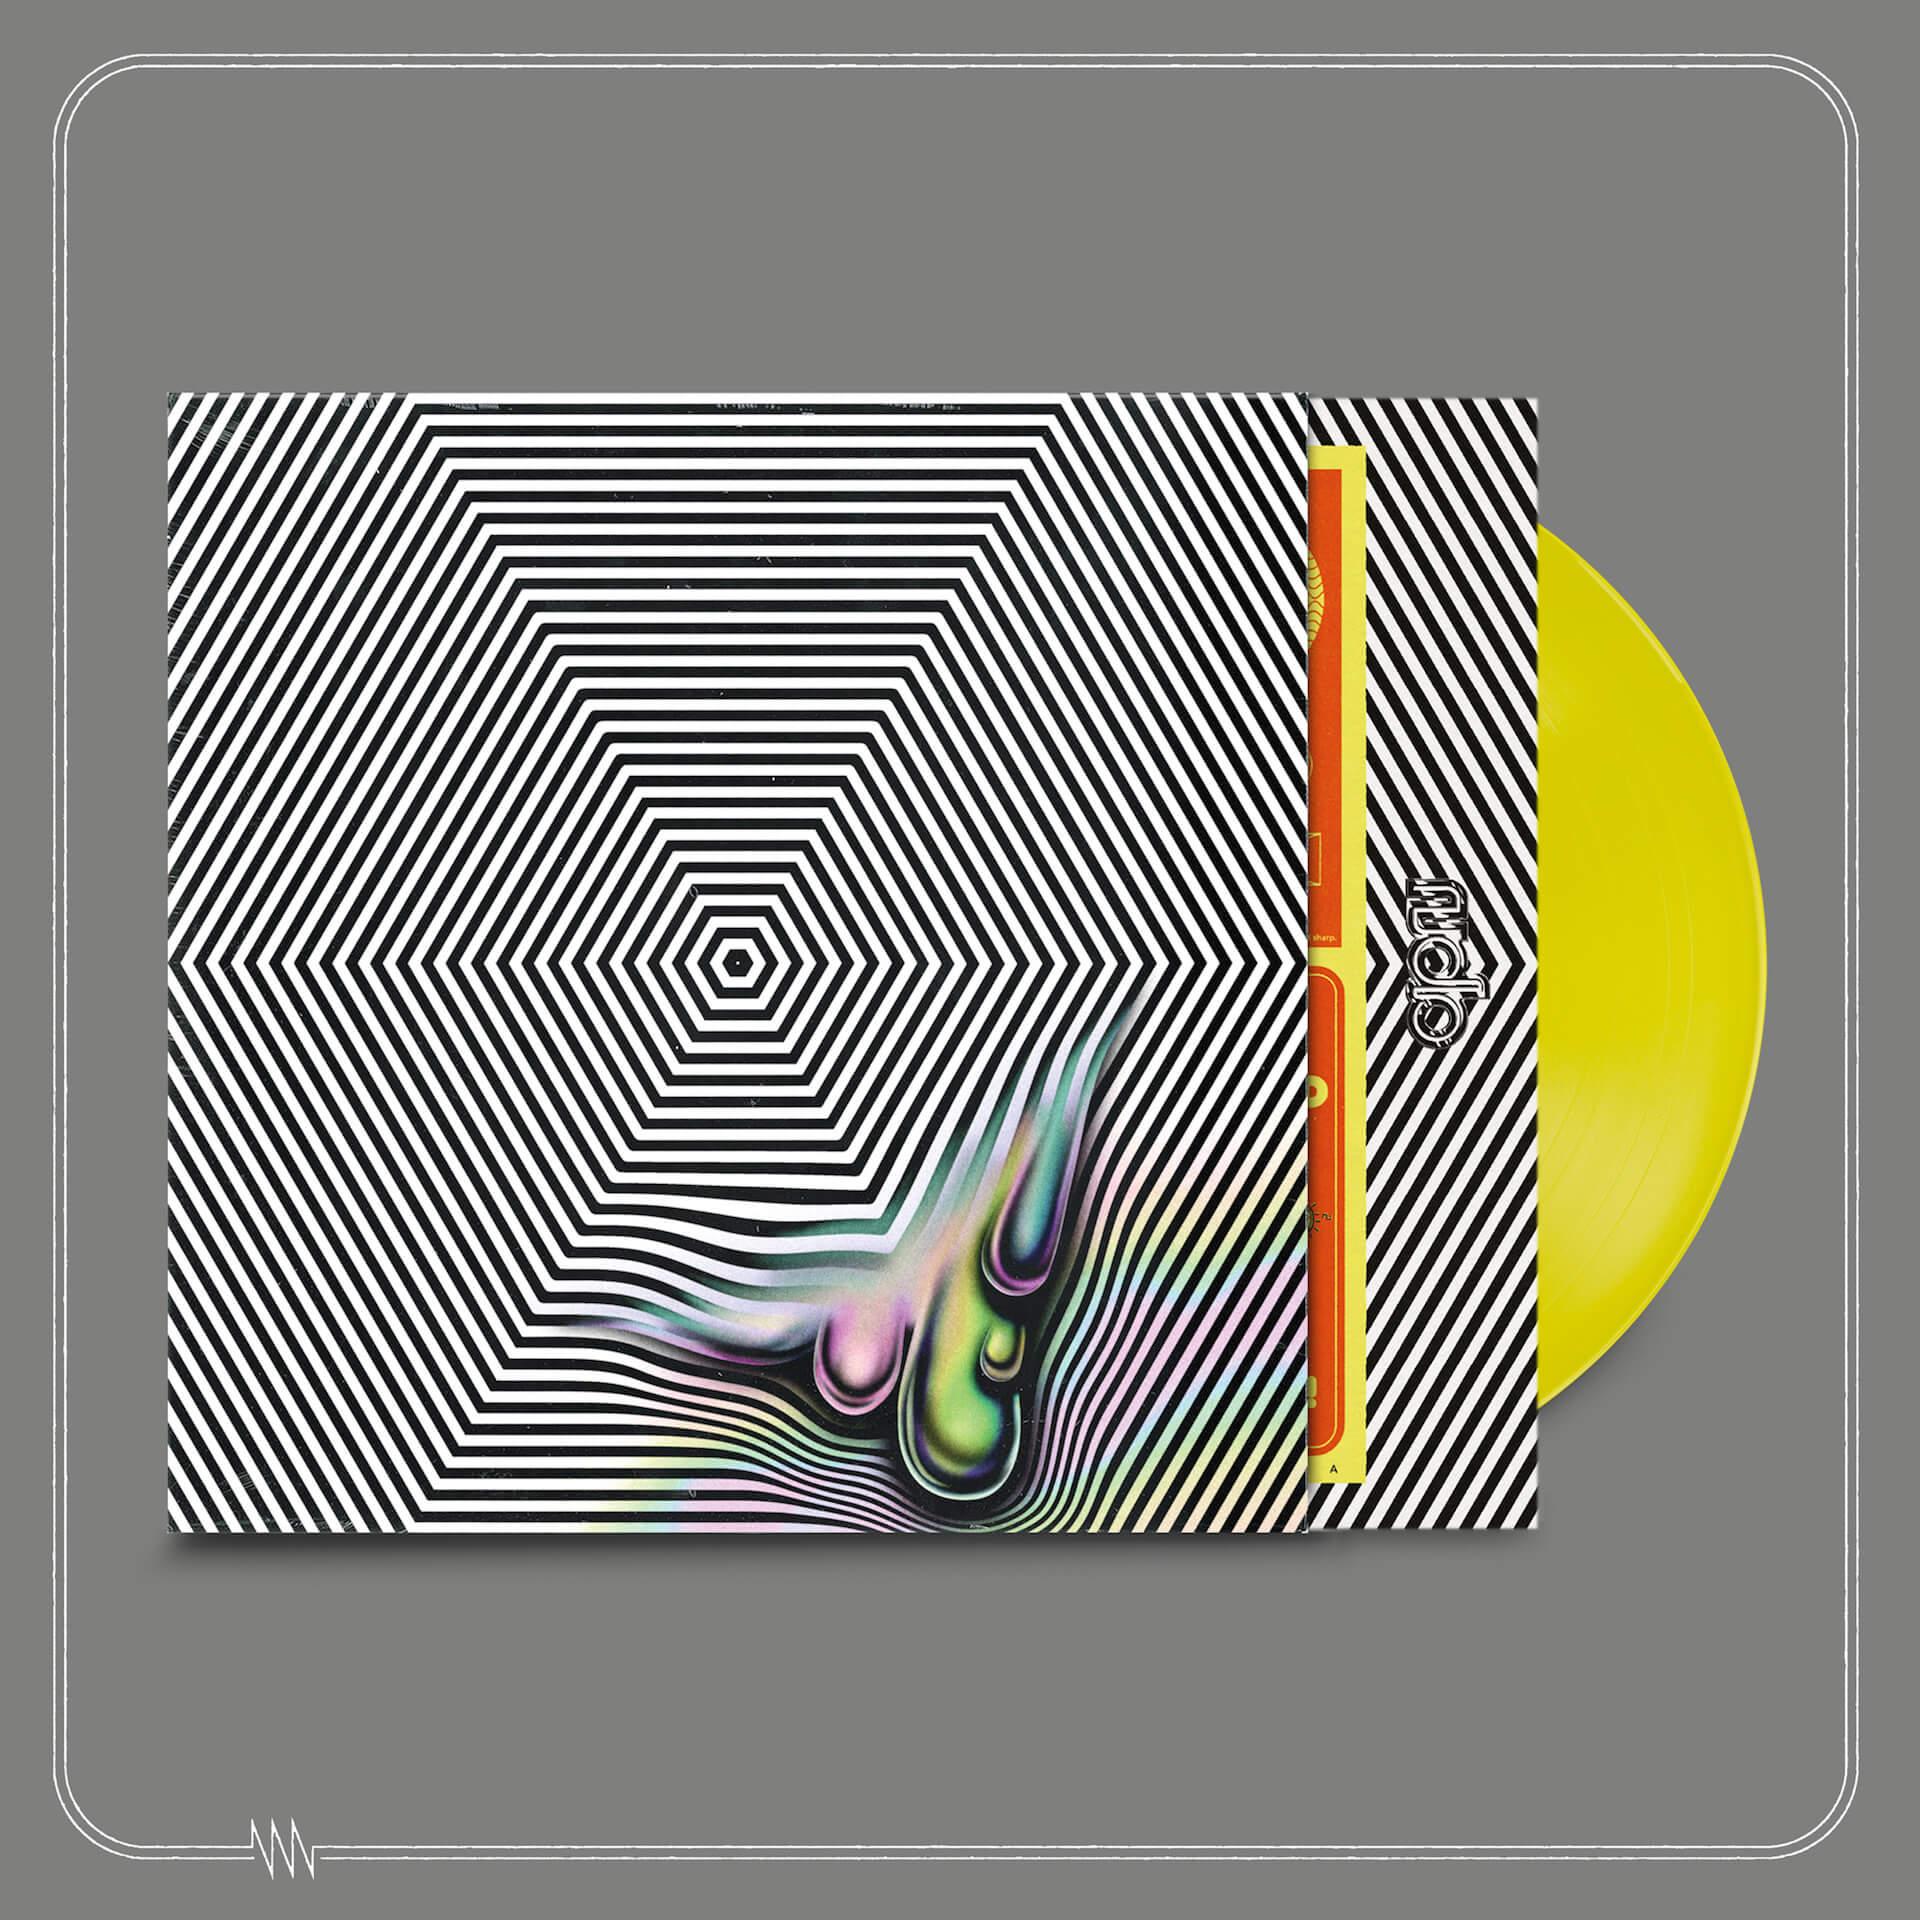 Oneohtrix Point Neverの新アルバム『Magic Oneohtrix Point Never』がリリース決定!シングル3曲をまとめたパッケージが公開 music200924_opn_10